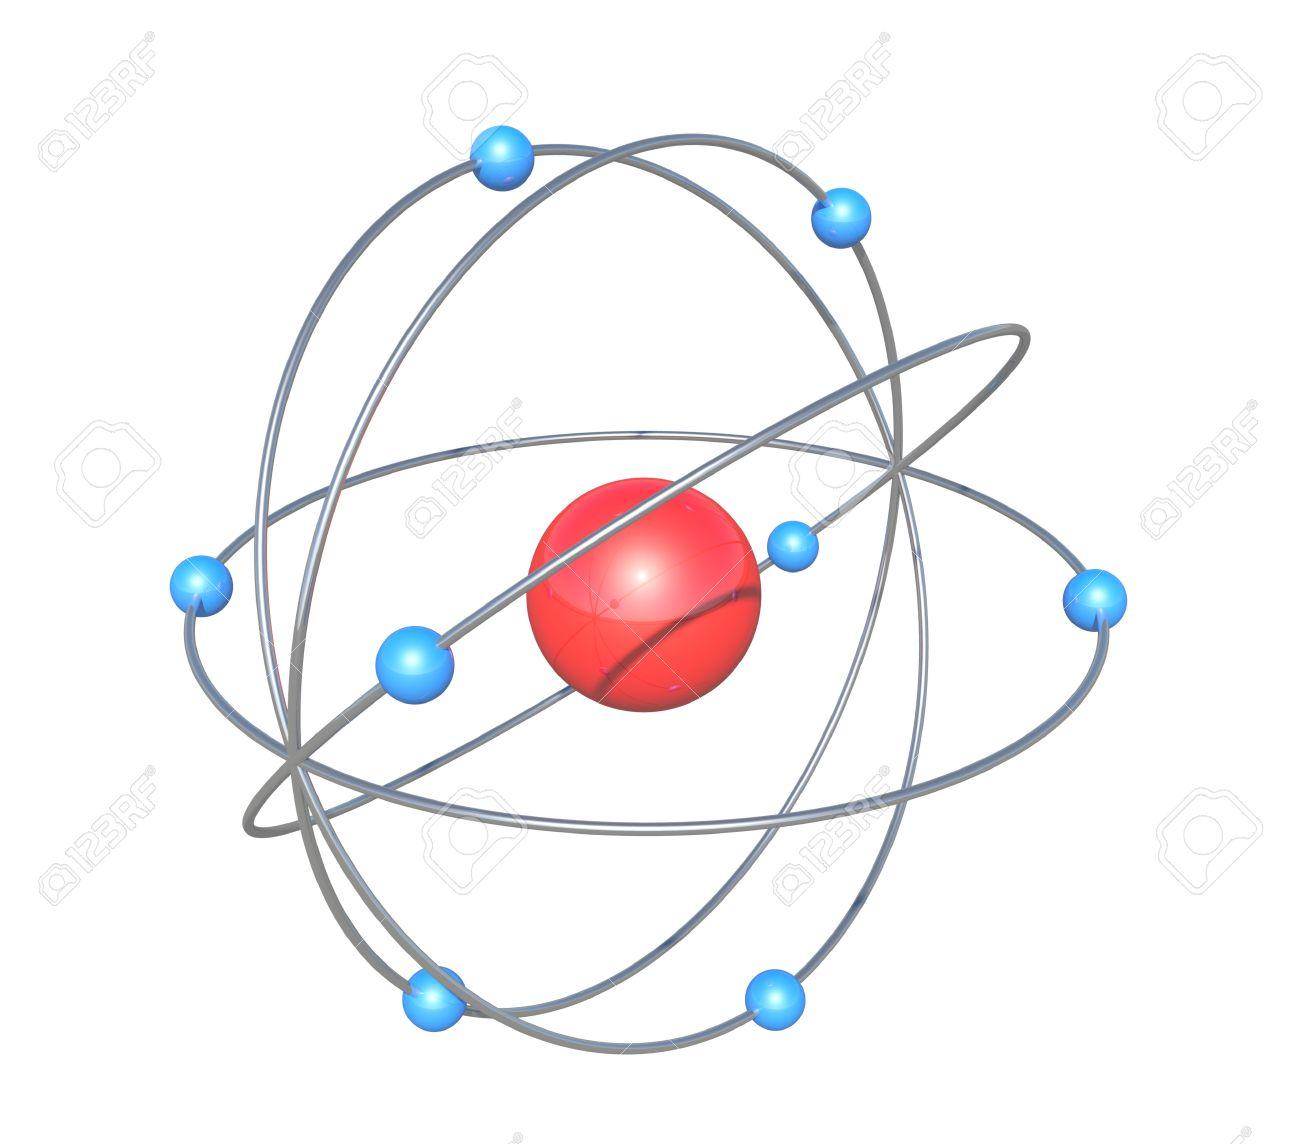 blue atom koni polycode co